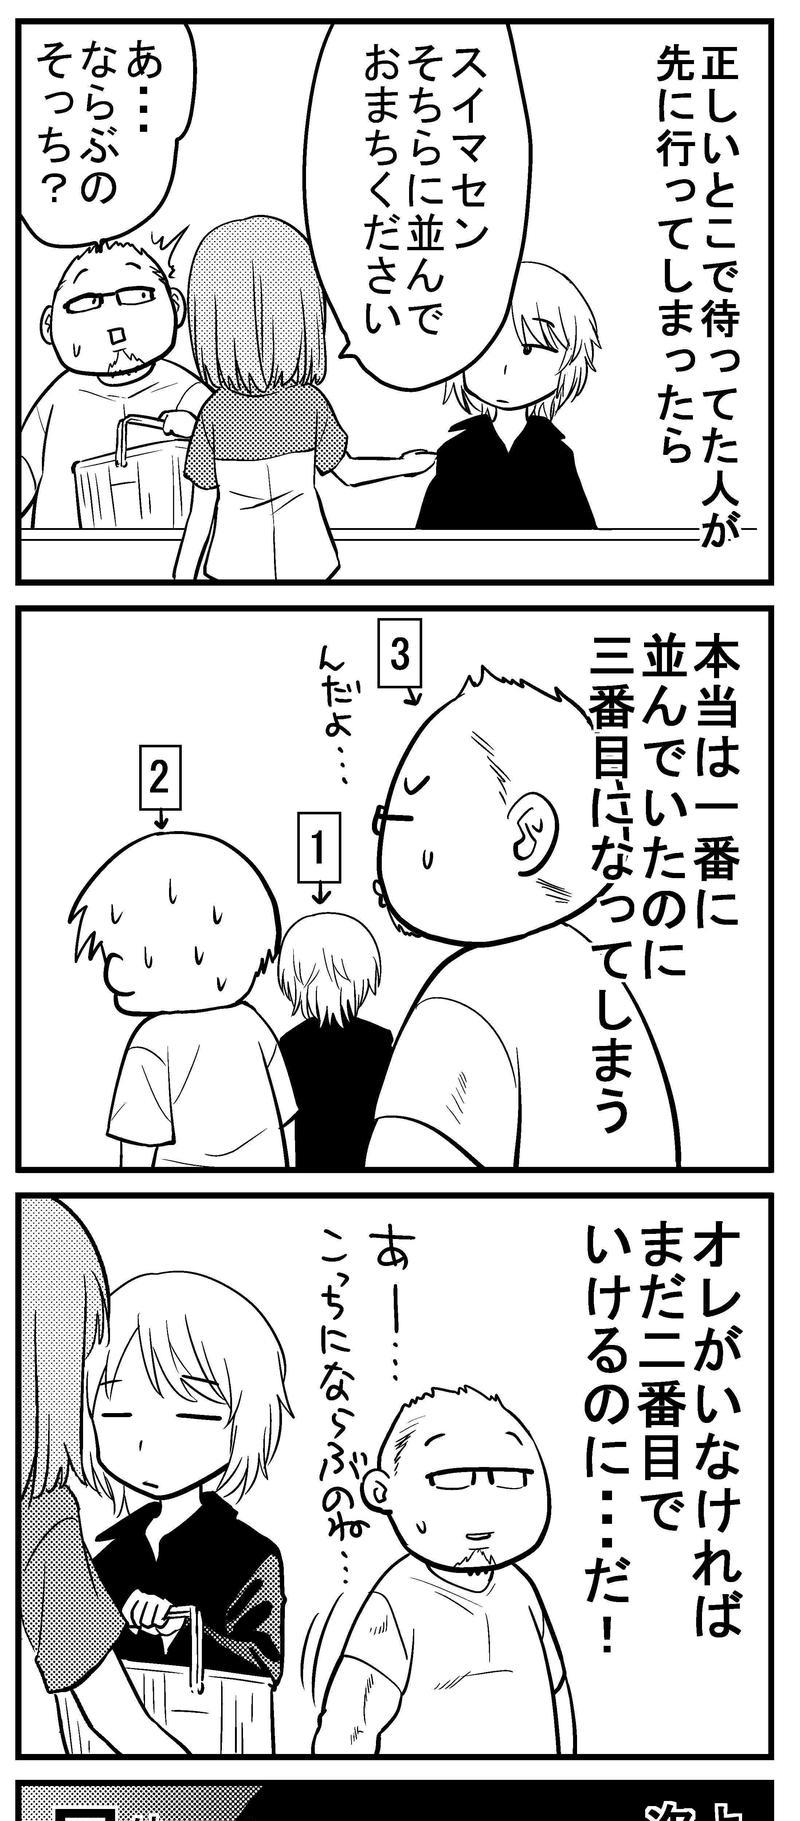 深読みくん 第8話 スーパーマーケットの罠!